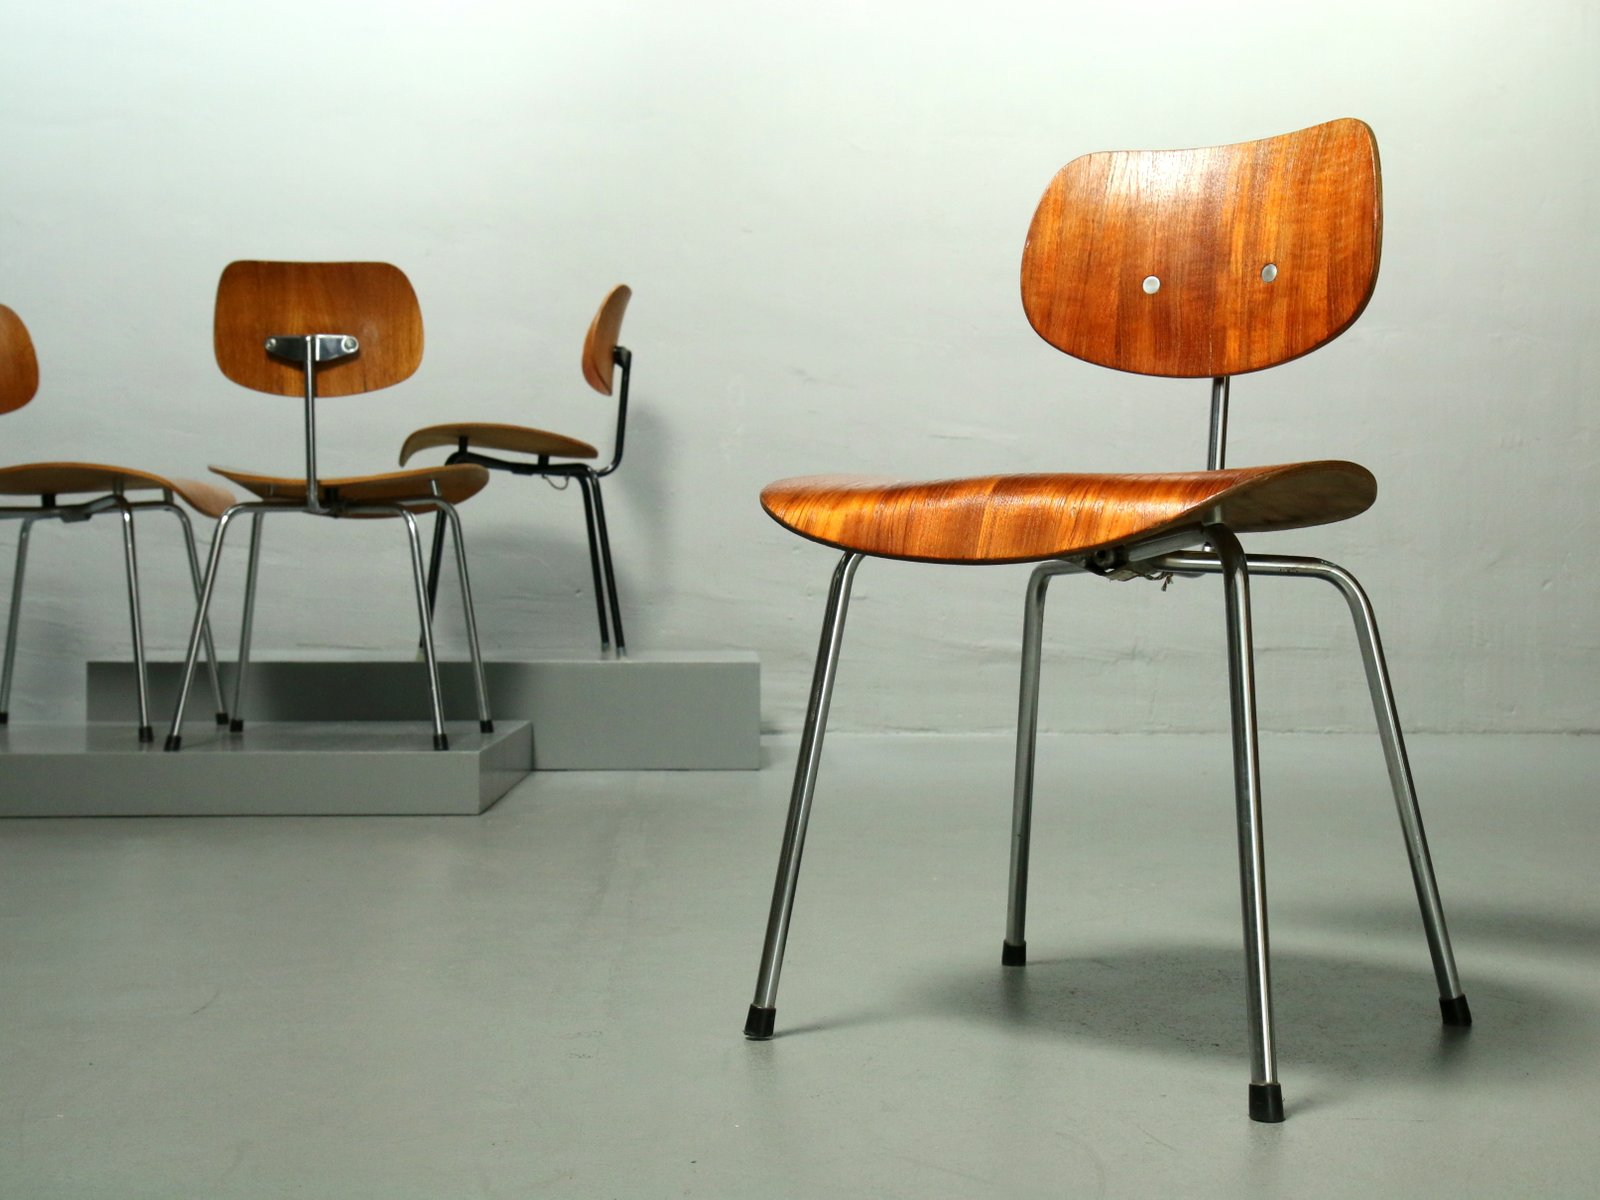 se 68 teak stuhl von egon eiermann f r wilde spieth 1960er bei pamono kaufen. Black Bedroom Furniture Sets. Home Design Ideas